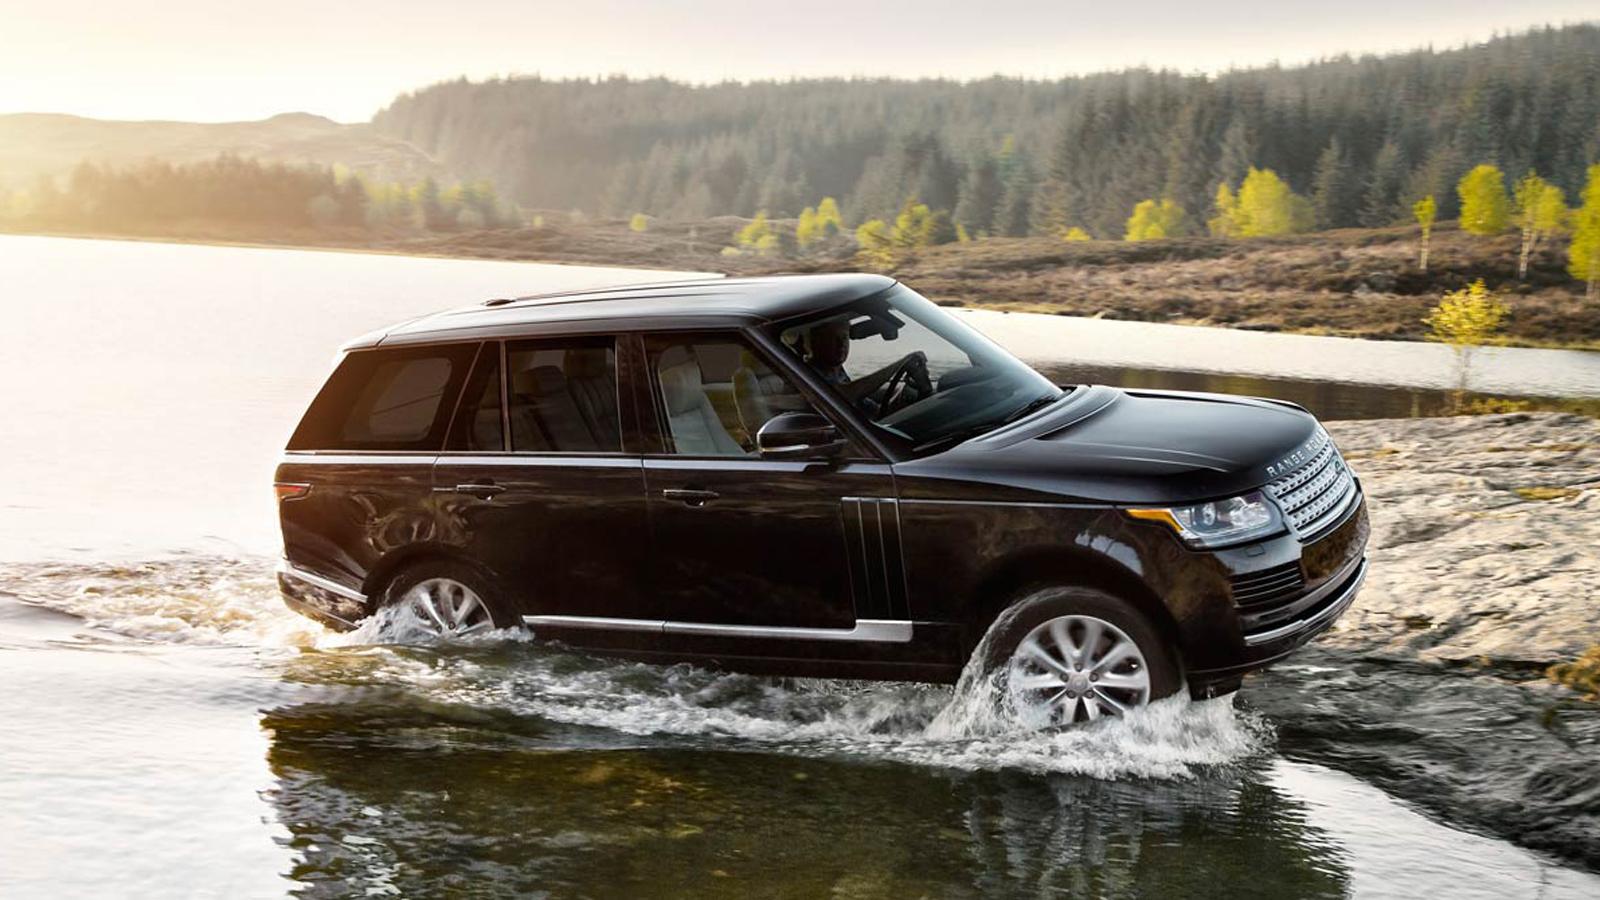 Range Rover là một trong những mẫu SUV hạng sang bị trộm nhòm ngó nhiều nhất. Ảnh minh họa